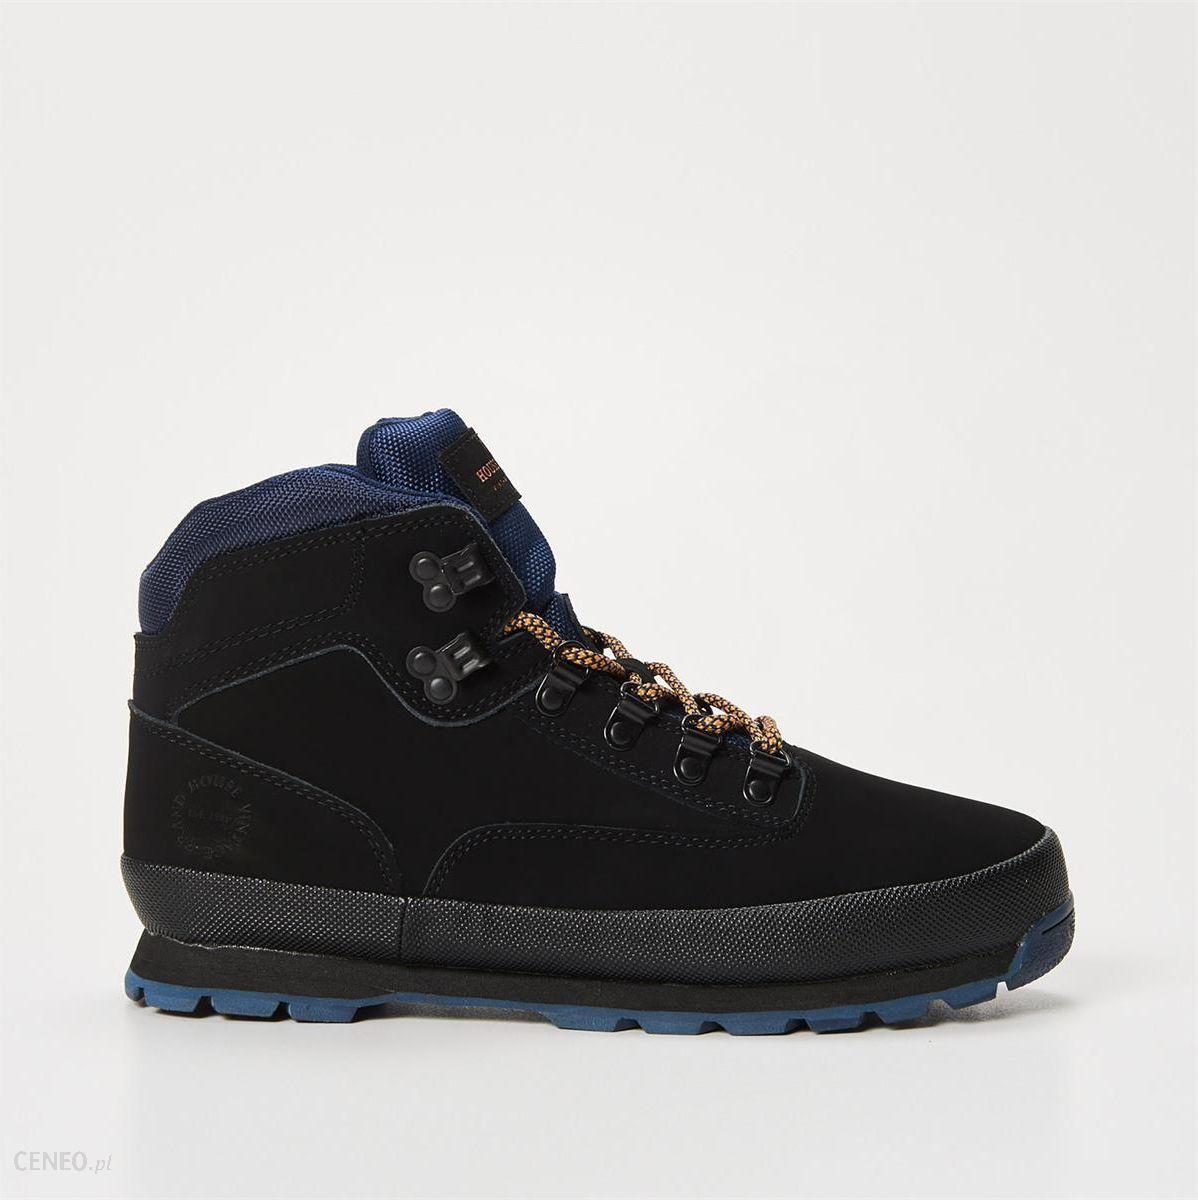 ec38dc6c House - Skórzane buty trekkingowe - Czarny - męska - Ceny i opinie ...